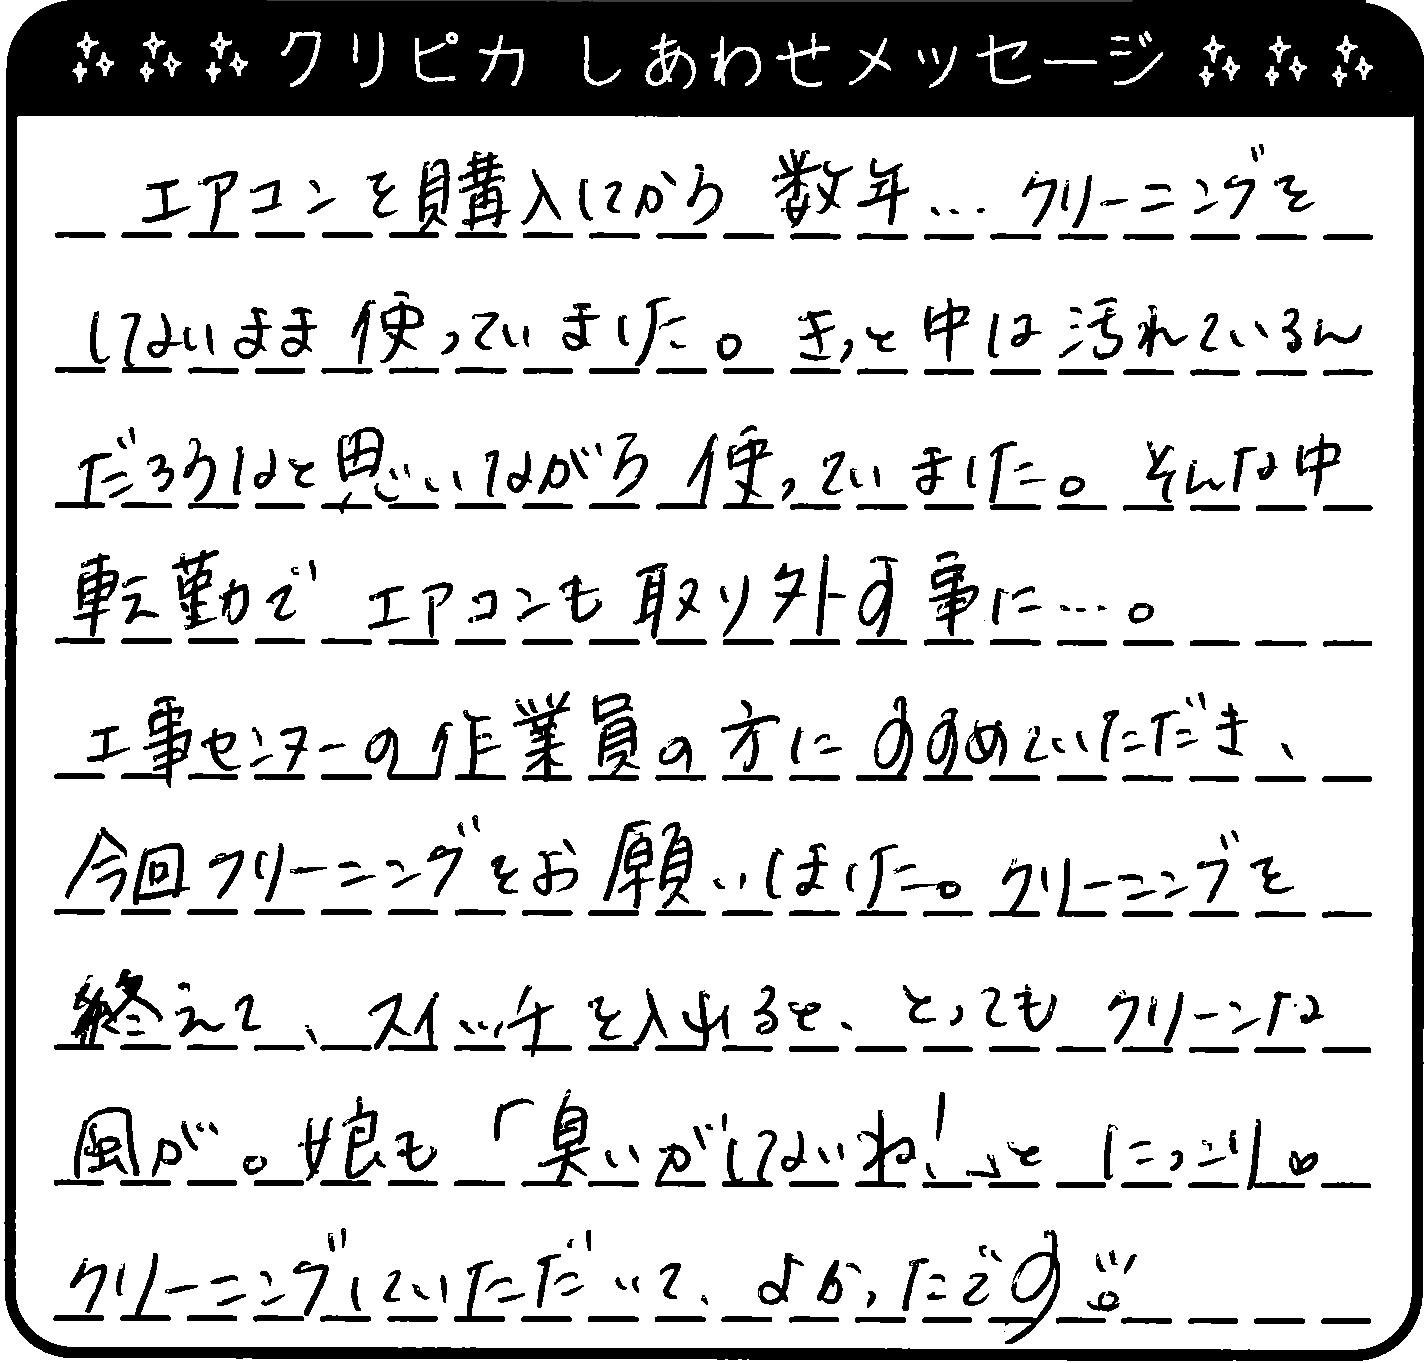 広島県 Y様からのしあわせメッセージ